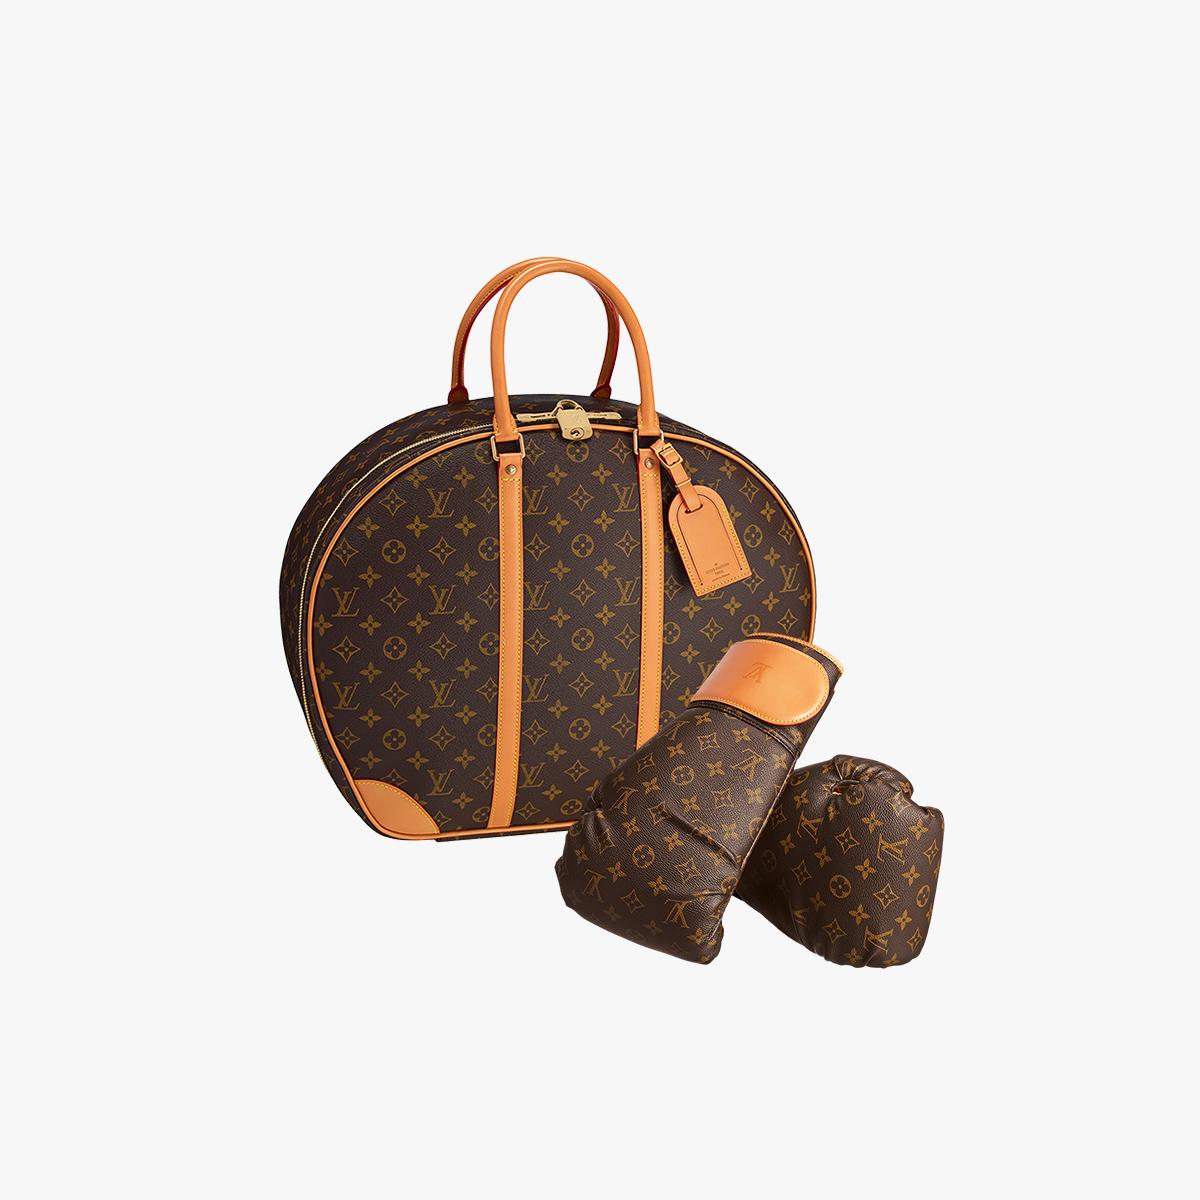 boxe 138 000 le sac de frappe louis vuitton dessin par. Black Bedroom Furniture Sets. Home Design Ideas